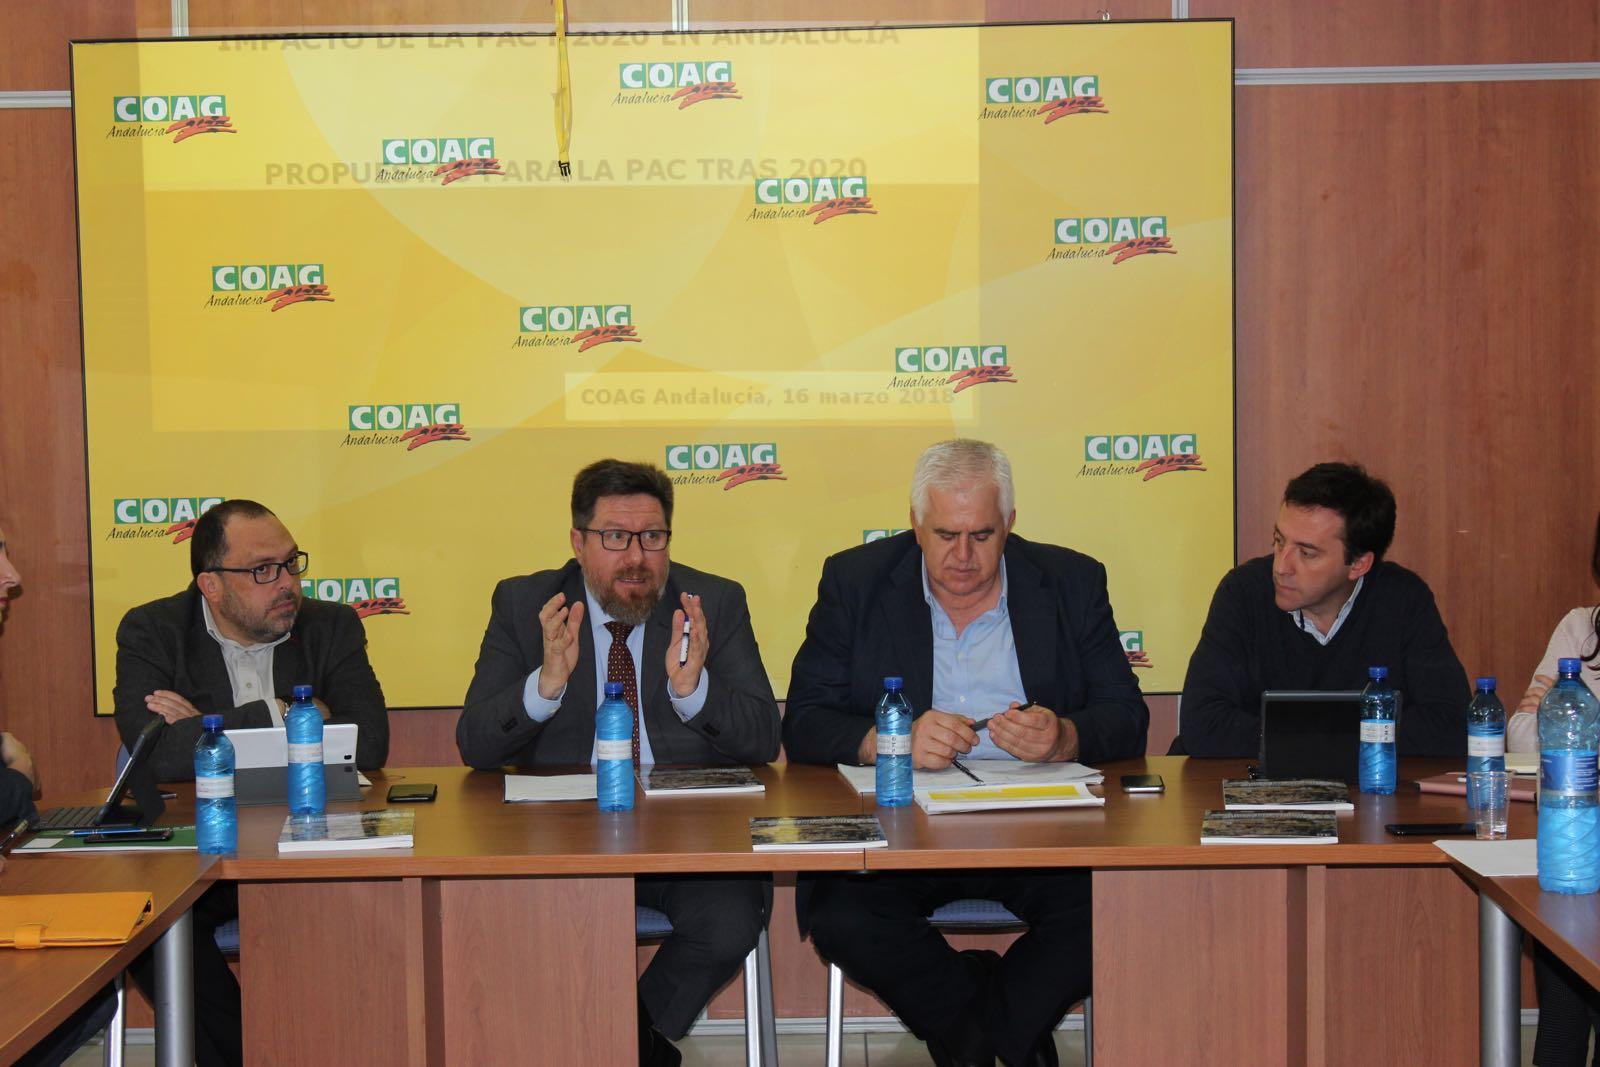 Sánchez Haro se reúne con COAG para conocer sus inquietudes y propuestas ante la reforma de la PAC